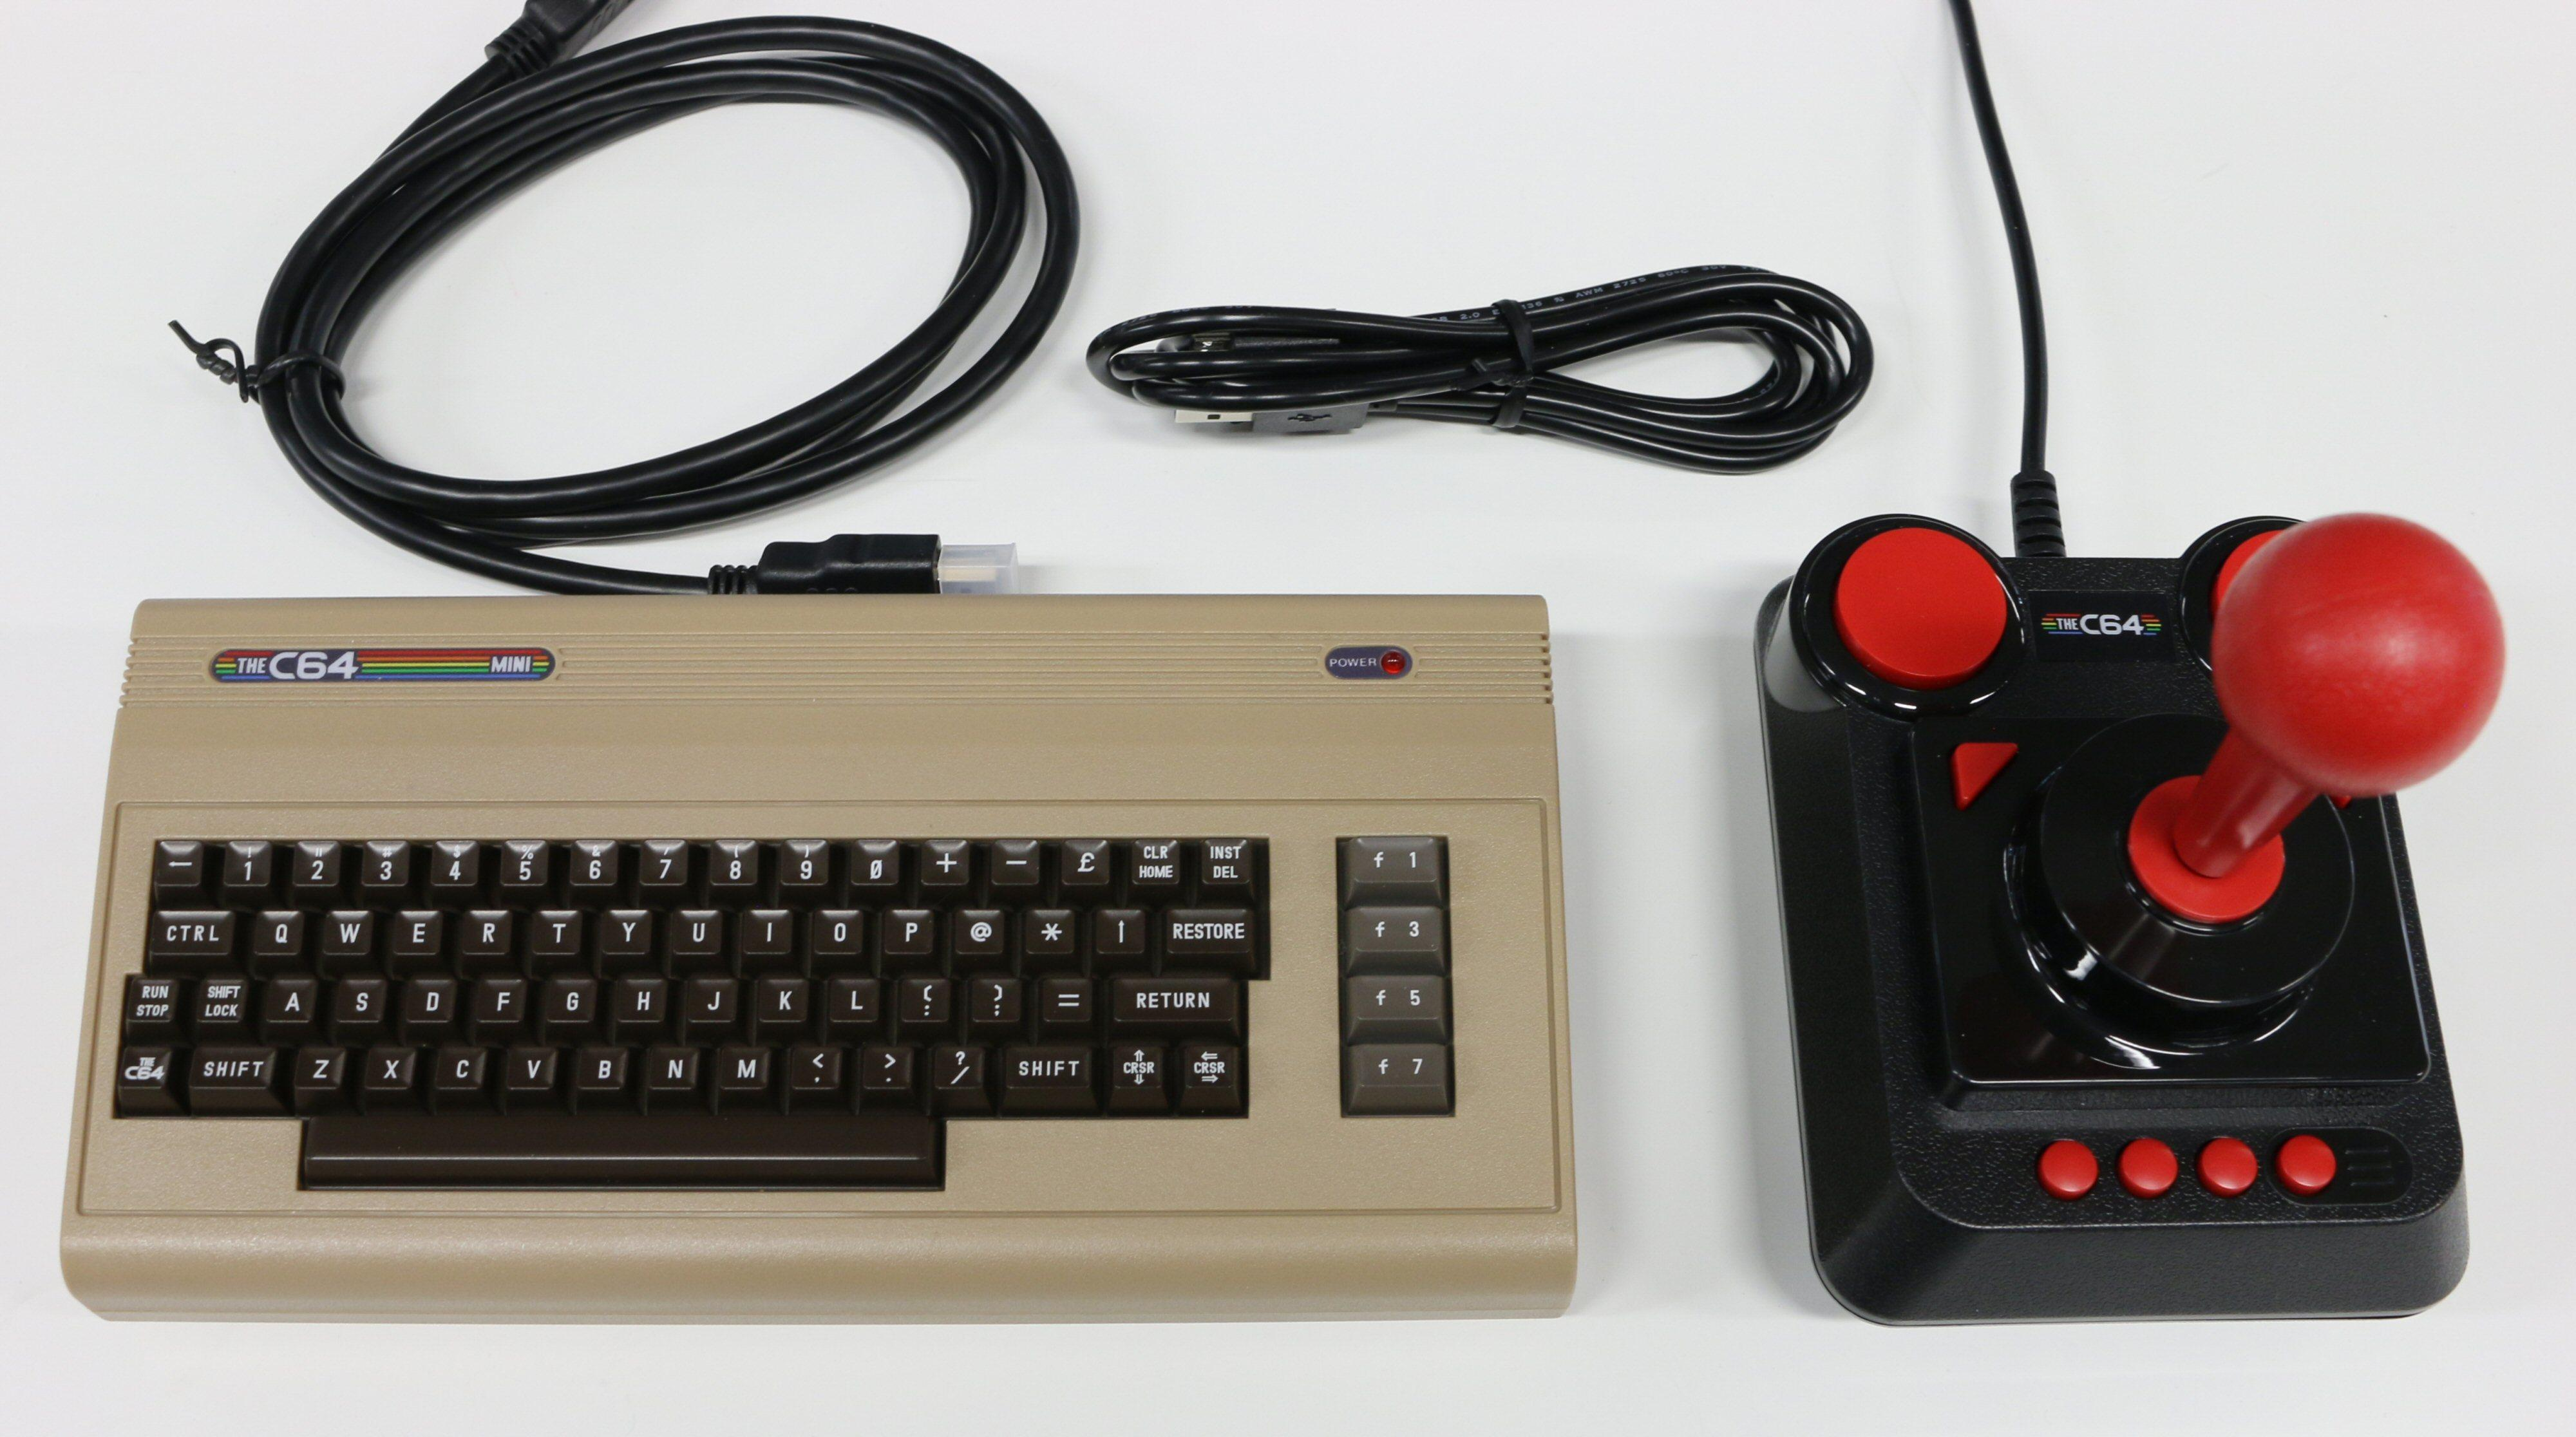 Alt som er med i pakken: konsoll, joystick, HDMI-kabel og USB-kabel for strøm.